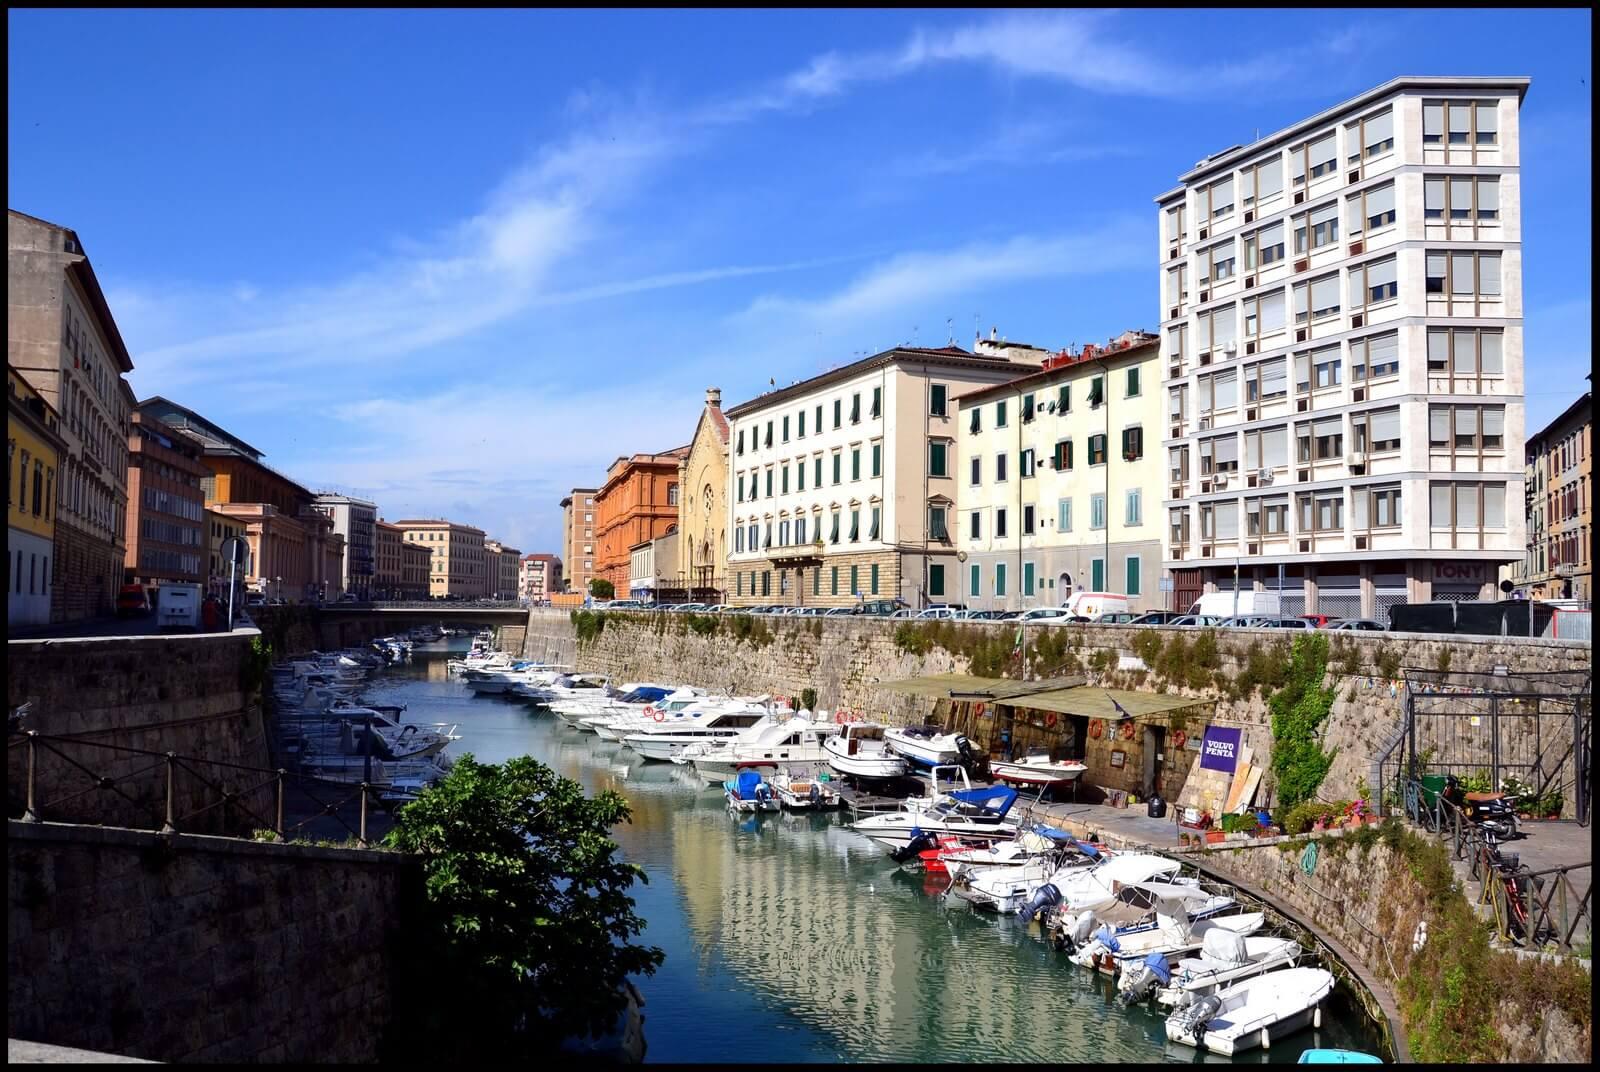 Favolosa Costa di Livorno (foto)